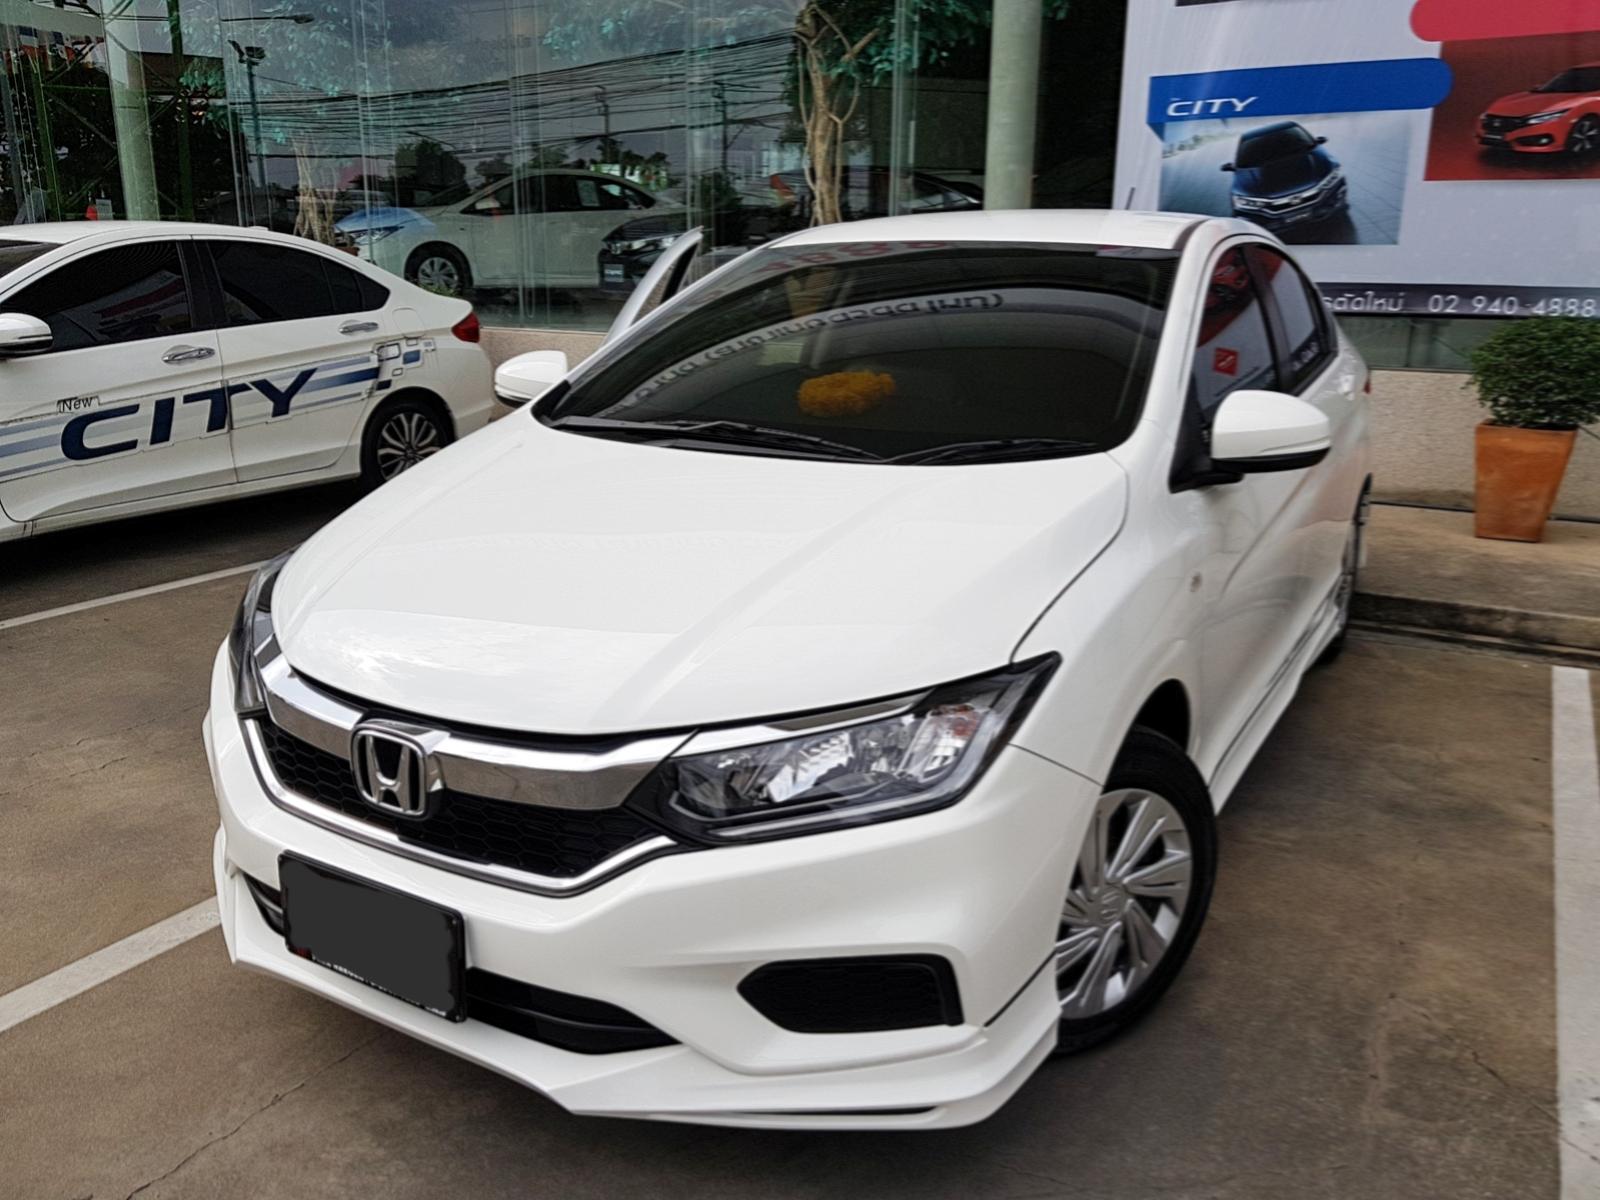 เช่ารถ รถเช่า กรุงเทพมหานคร Honda City 2018